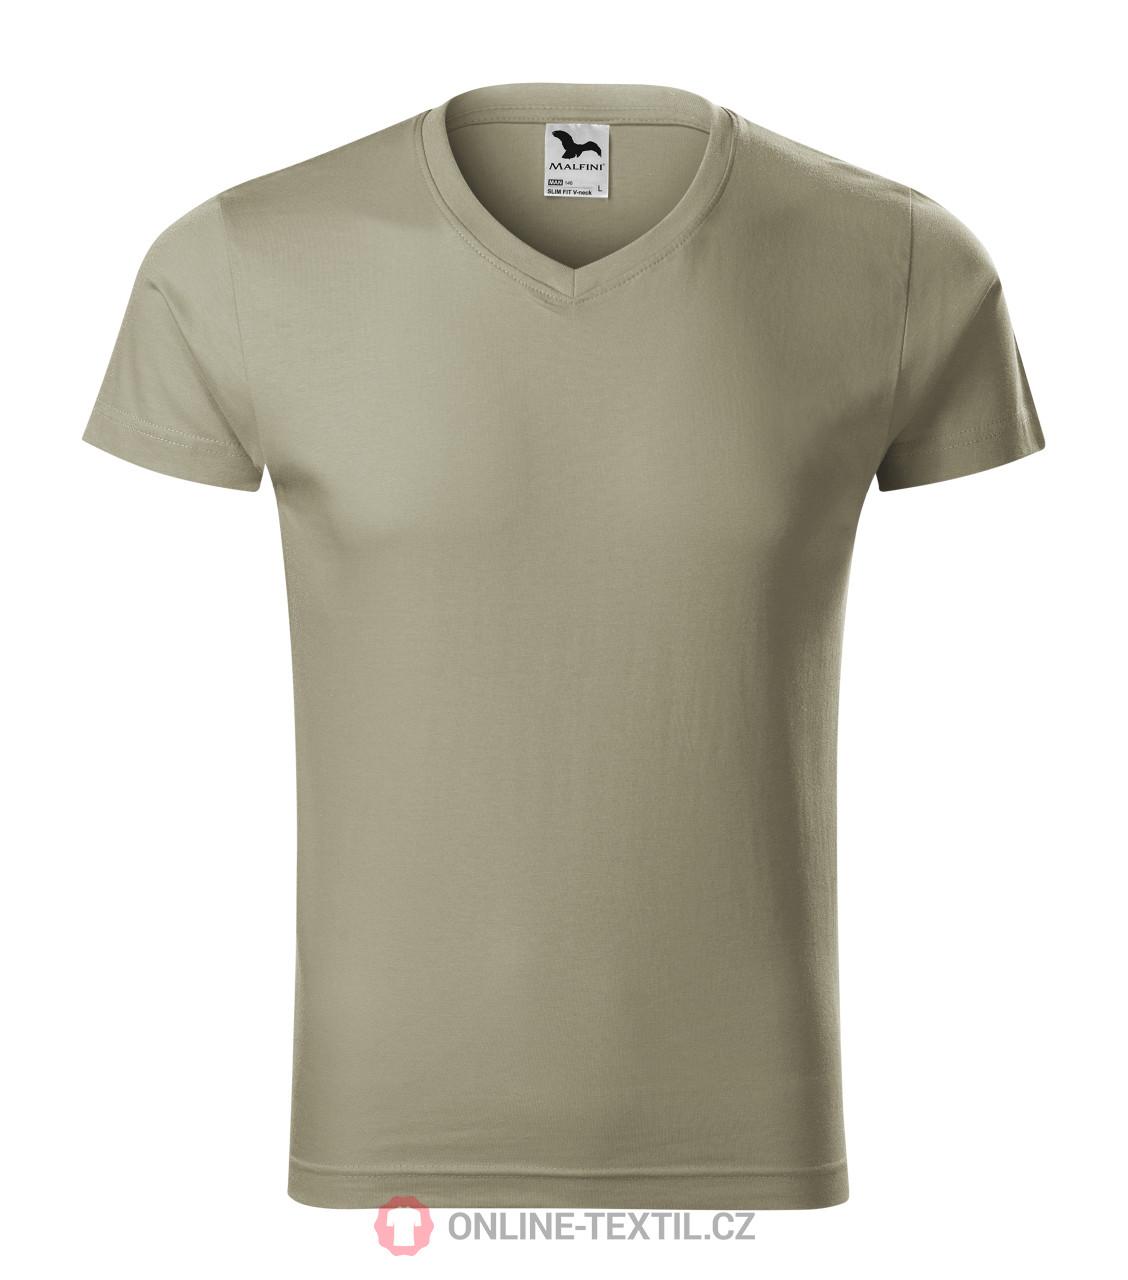 9819c3a1fc5 ADLER CZECH Přiléhavé pánské tričko Slim Fit V-neck vyšší gramáže ...